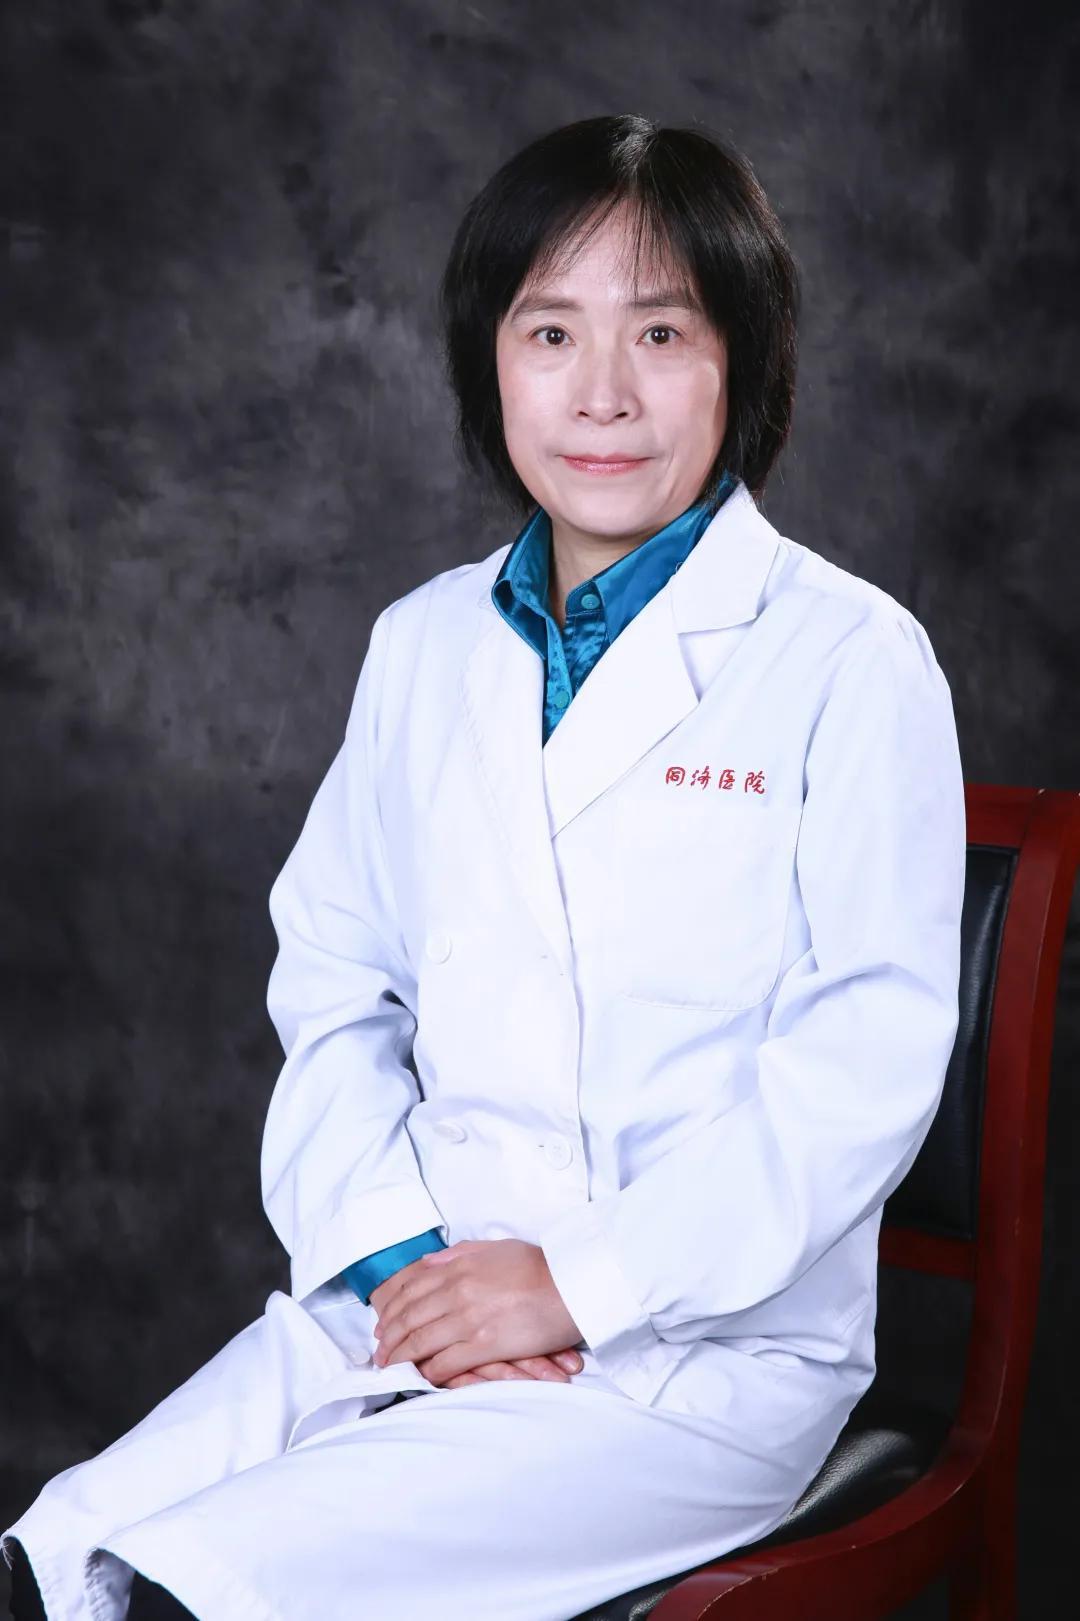 上海市同济医院李怀芳:如何应对与治疗产后抑郁症?